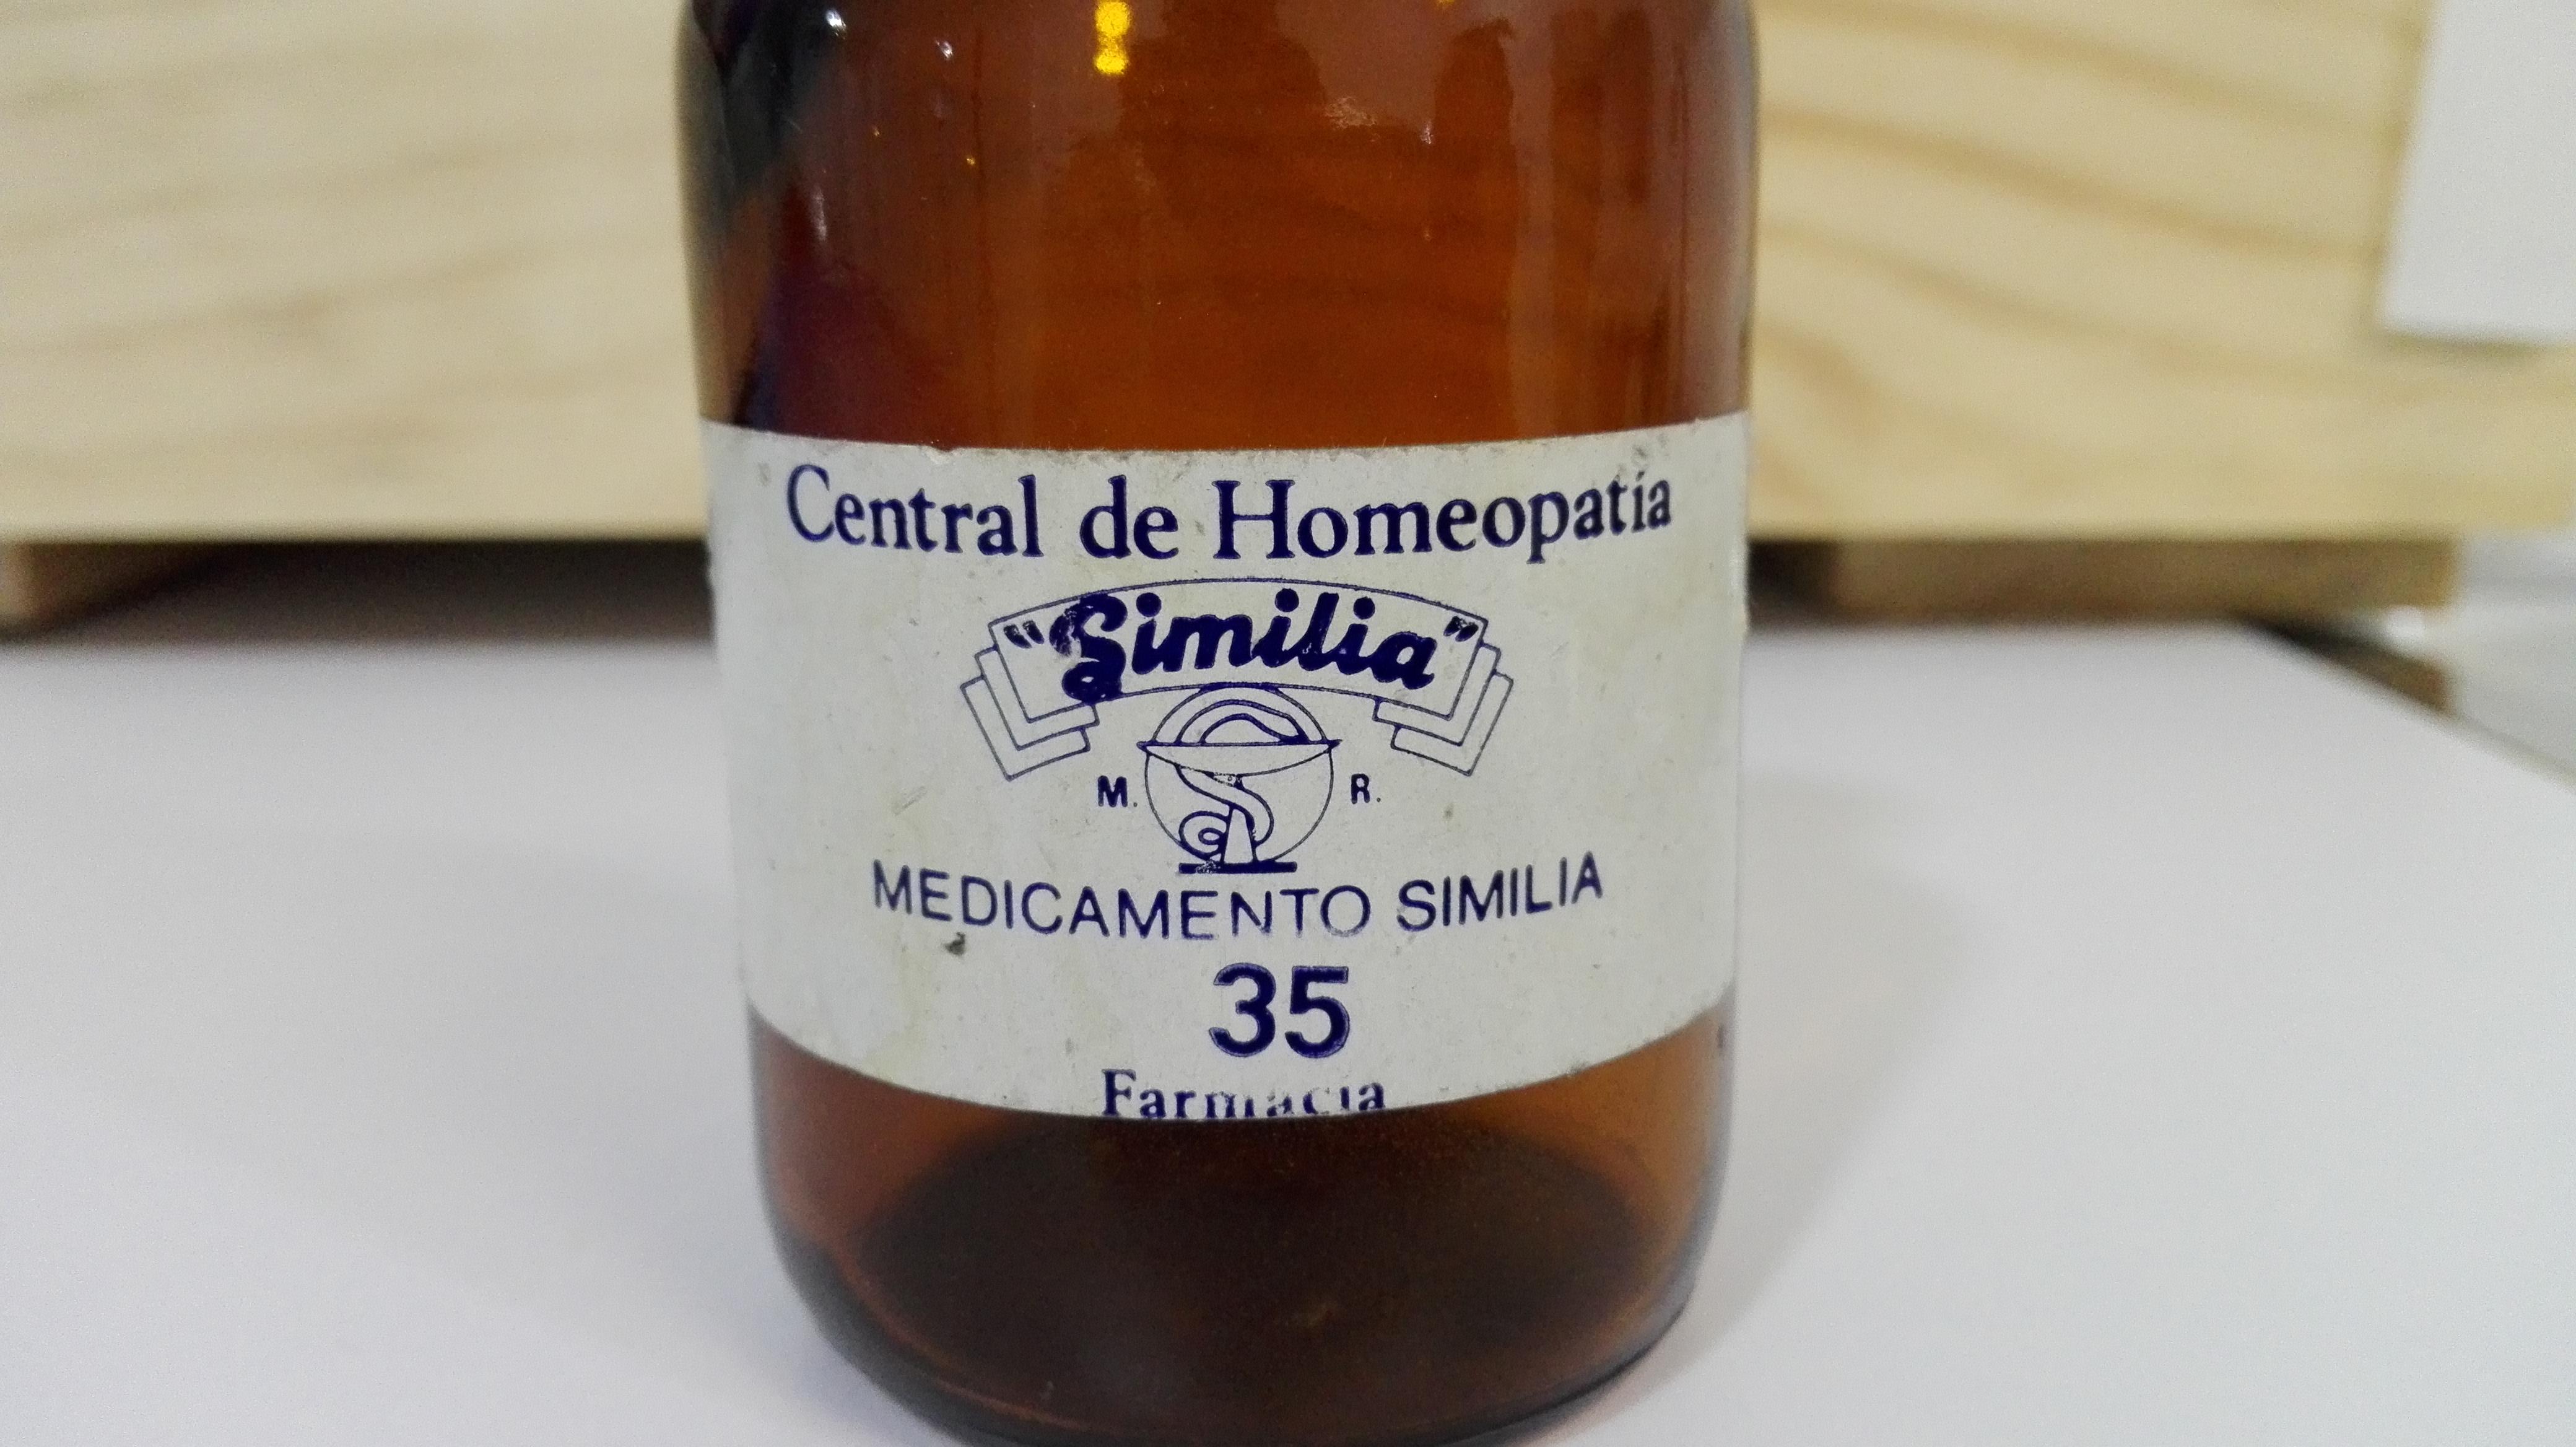 Central de Homeopatia Similia 1970